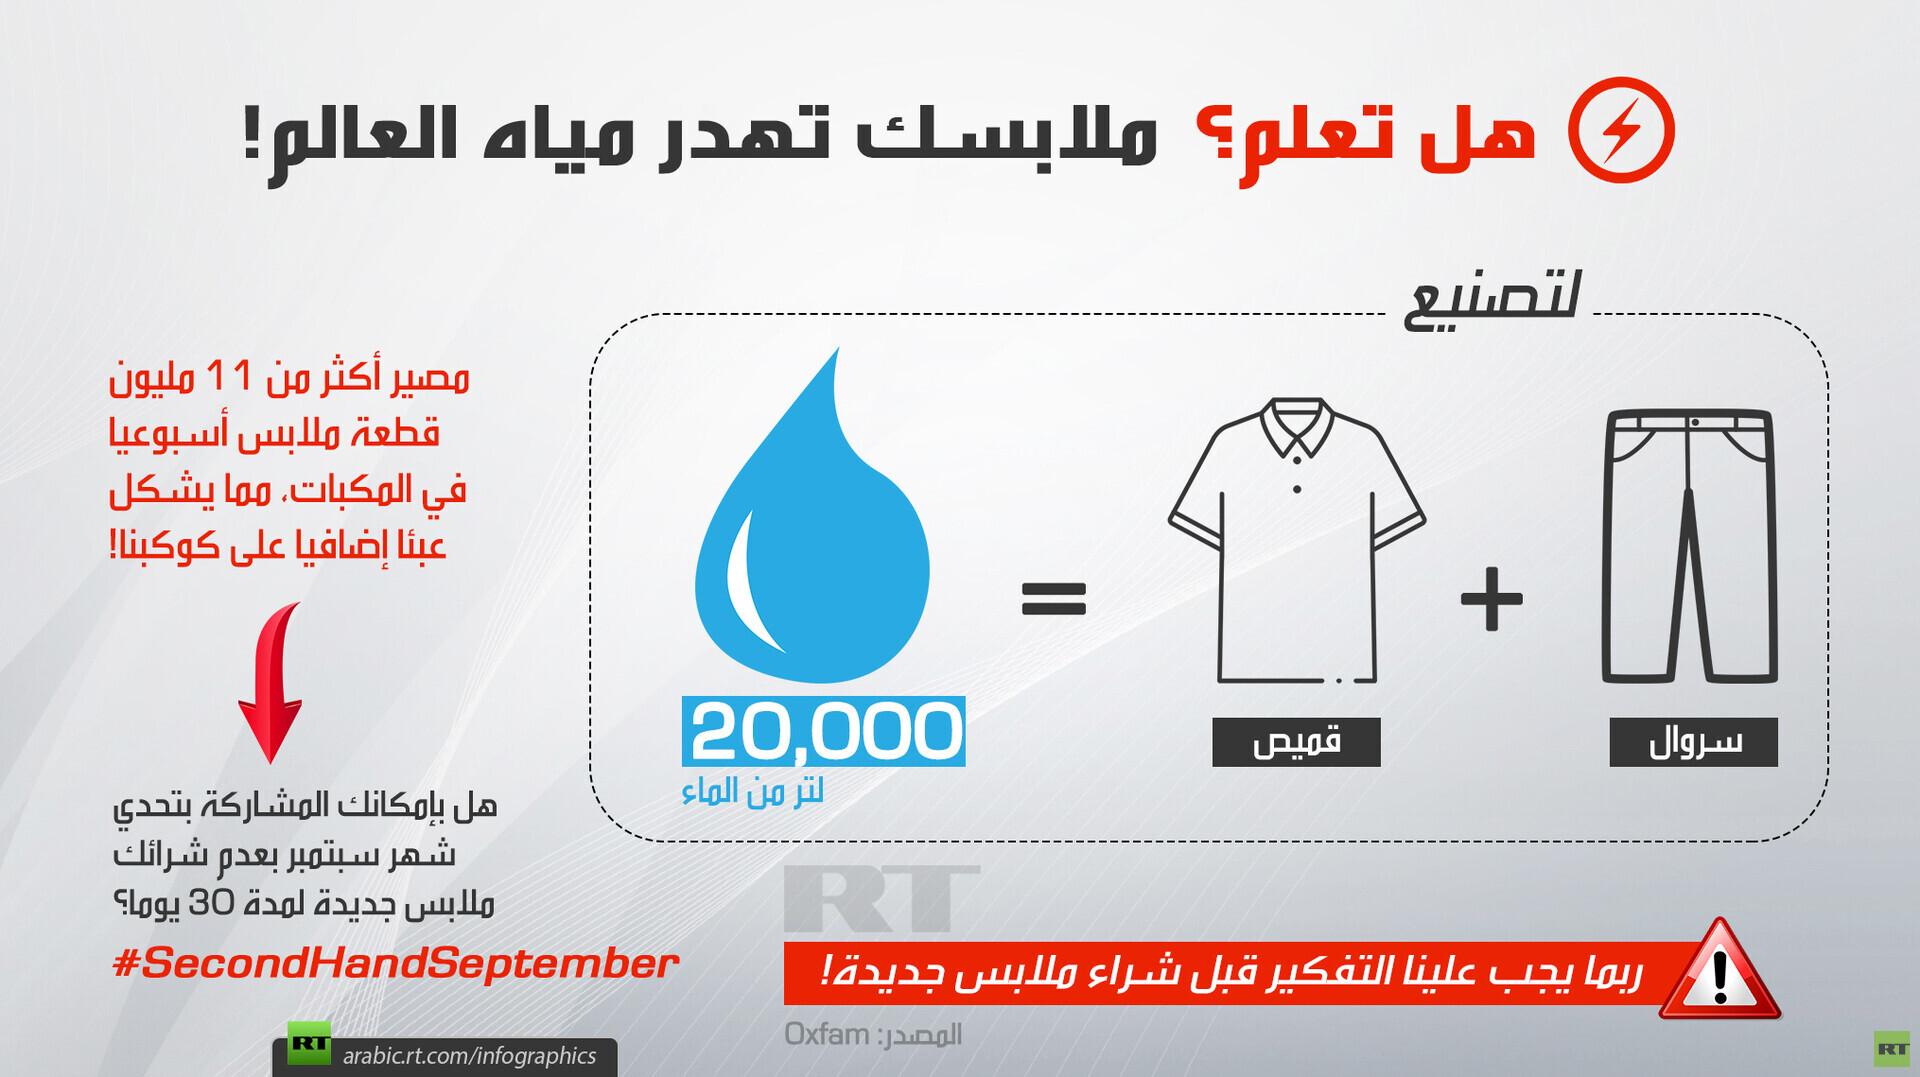 ملابسك تهدر مياه العالم